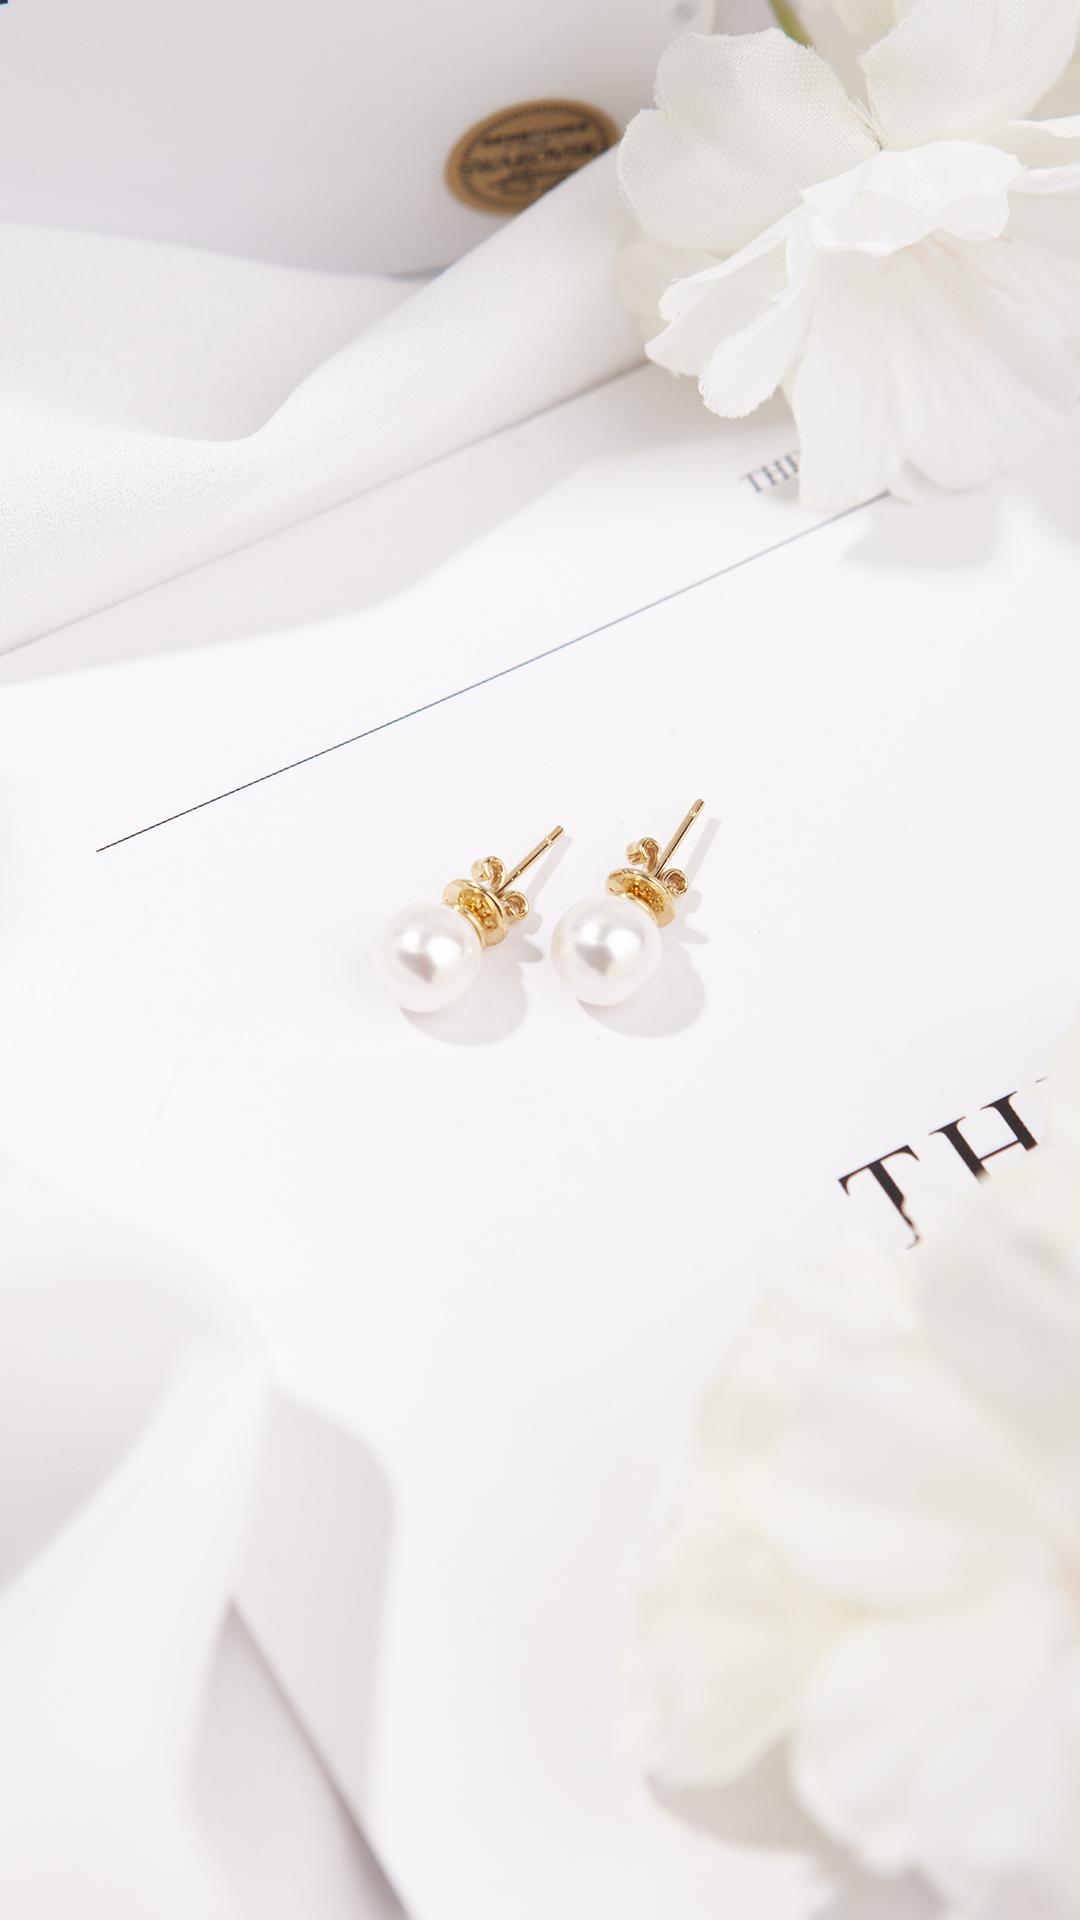 1ING[일링]의 정품 스와로브스키의 진주를 입은 일링의 진주 귀걸이를 소개 합니다.